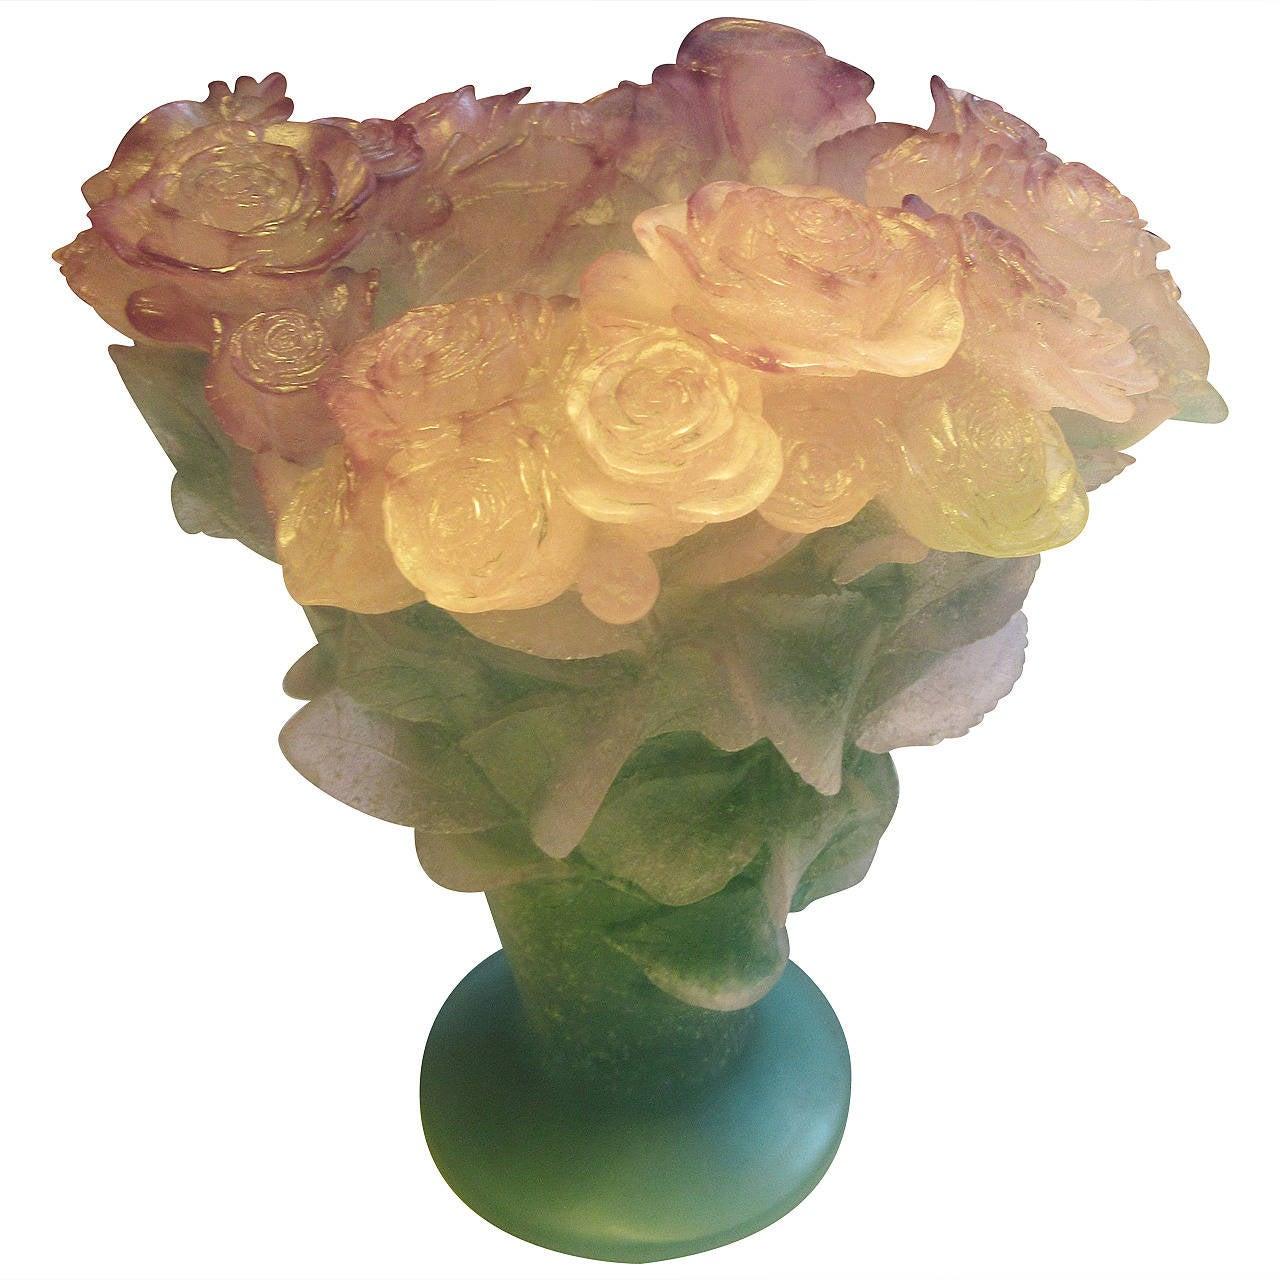 daum pate verre roses vase at 1stdibs. Black Bedroom Furniture Sets. Home Design Ideas